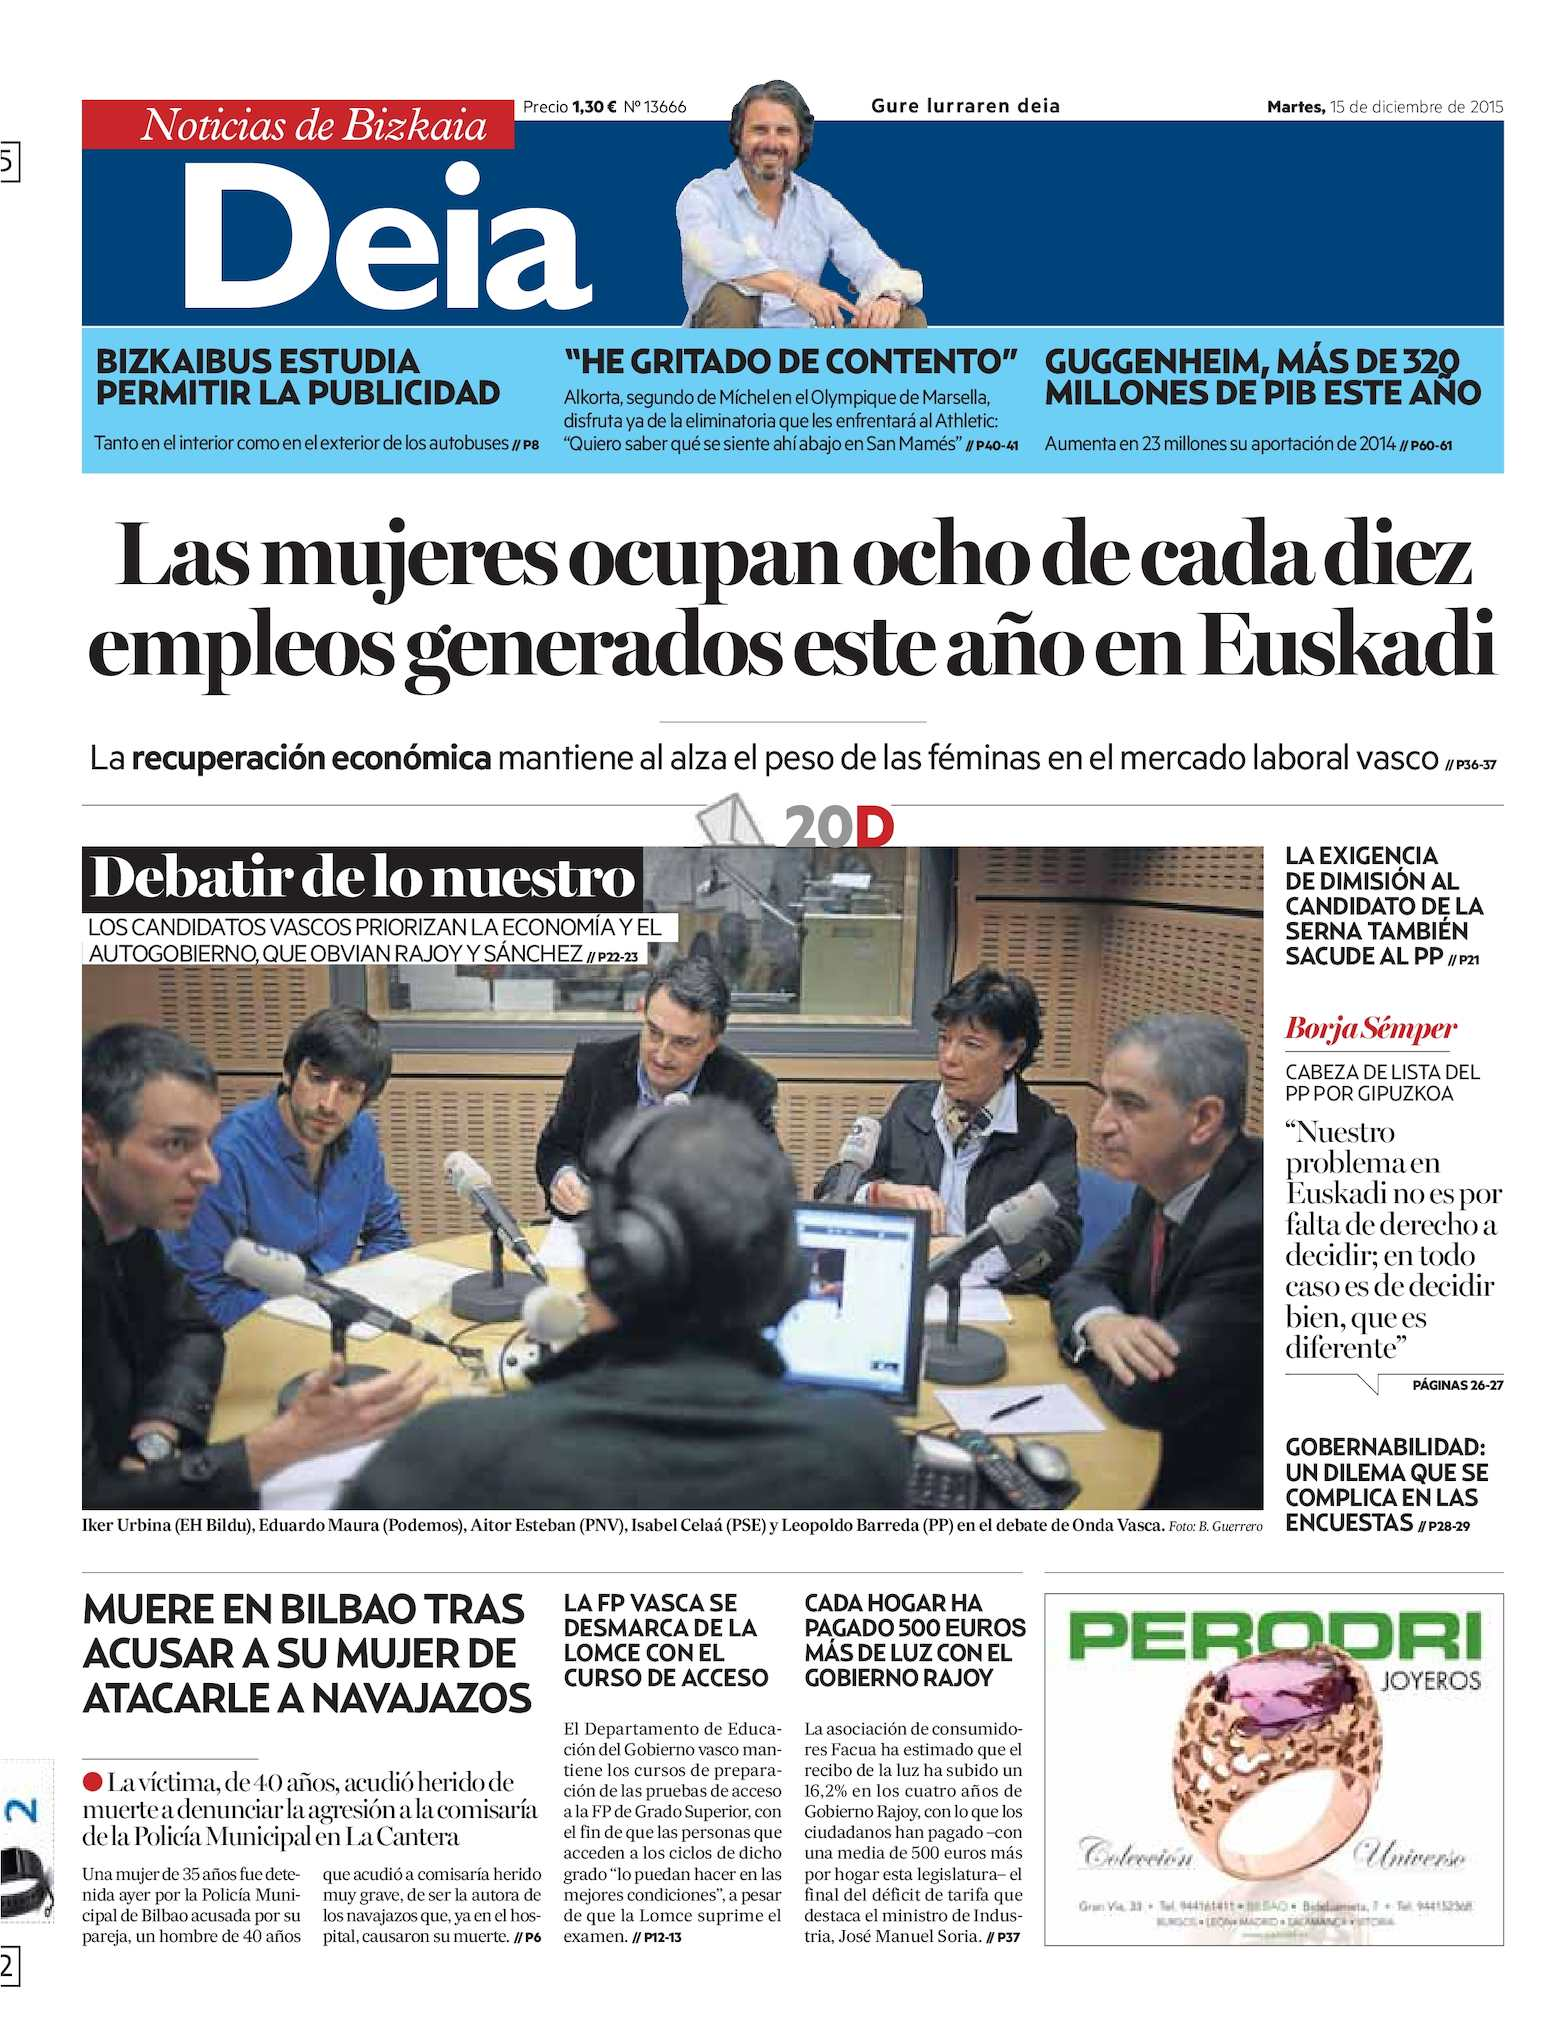 Calaméo - Deia 20151215 a28a21e717b9